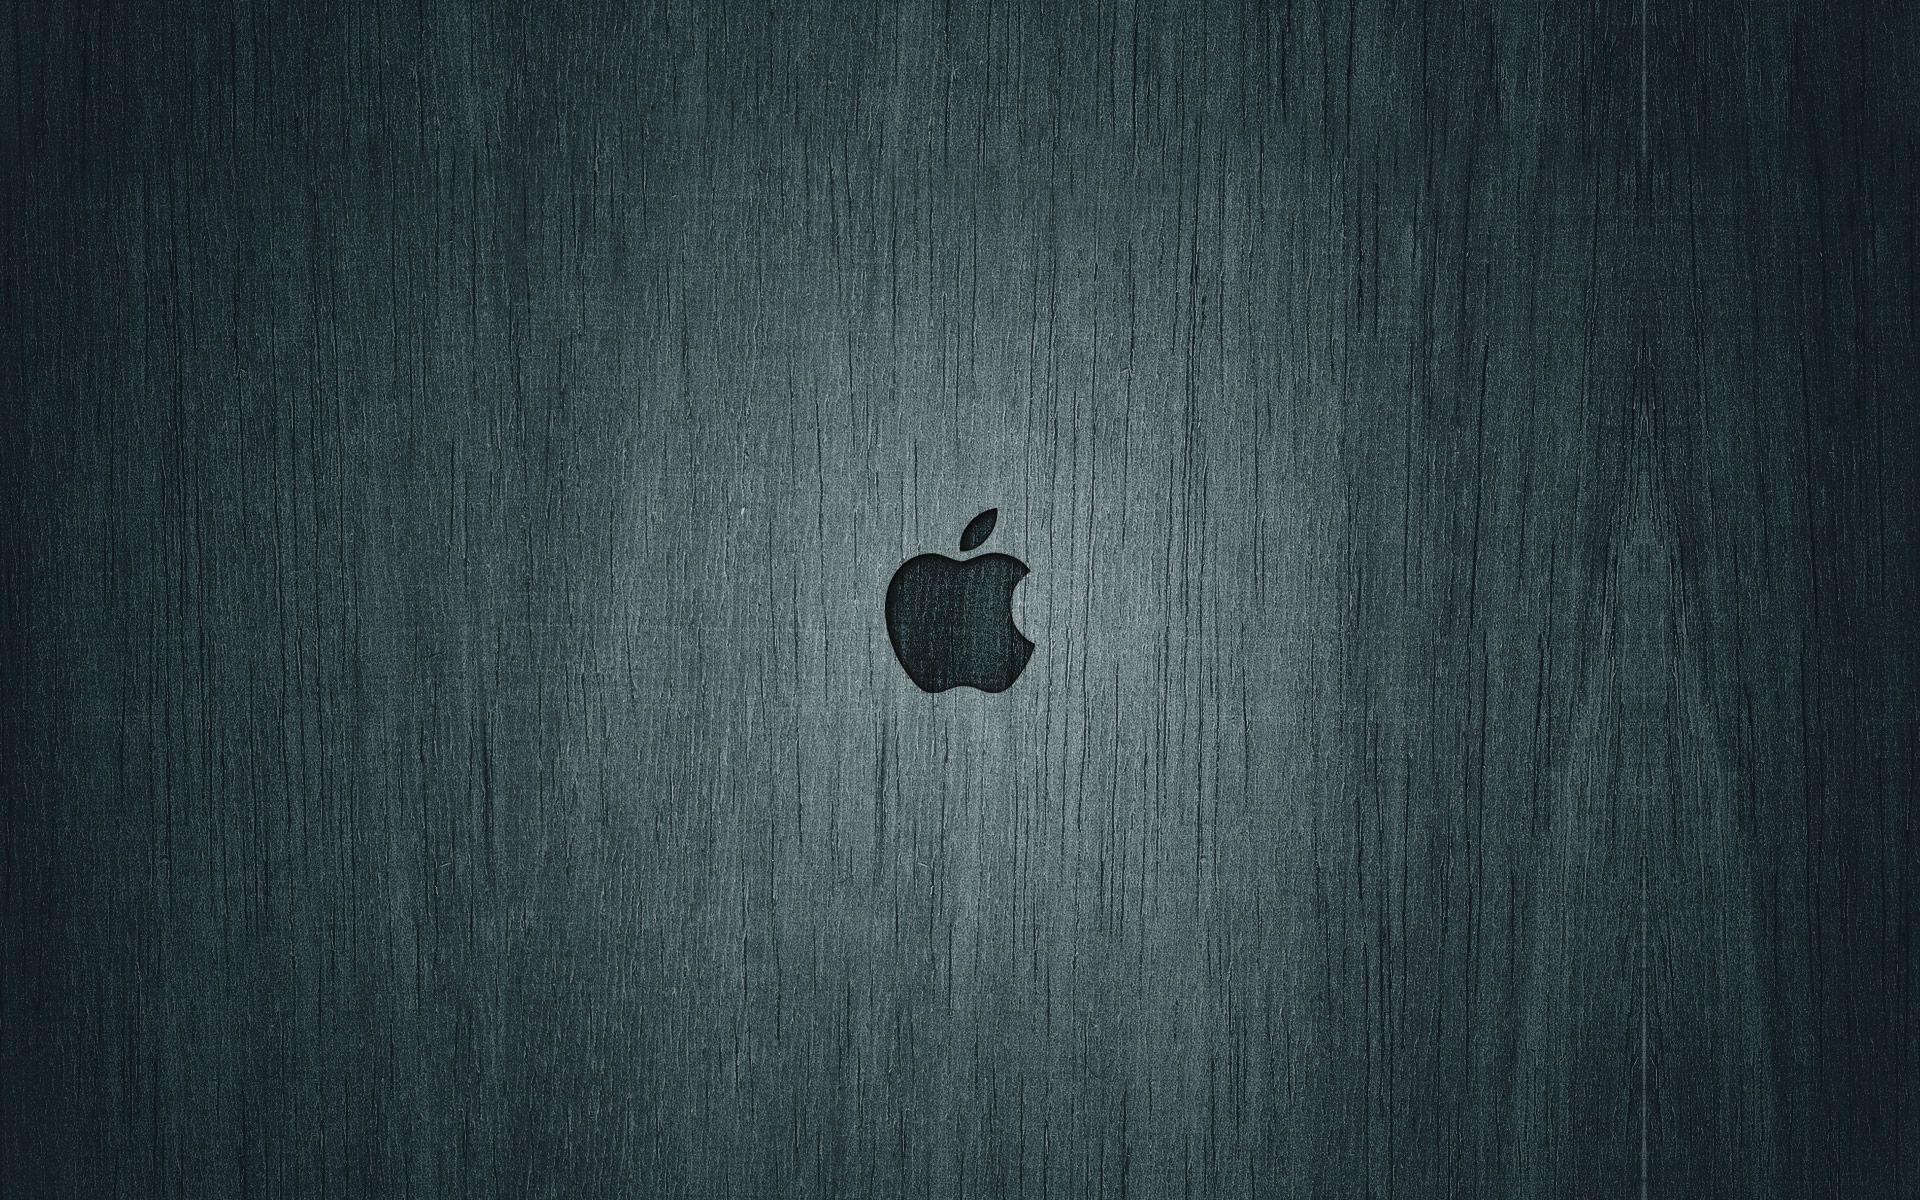 Apple Desktop Backgrounds 2 Desktop Wallpapers HD Images Amazing 1920x1200